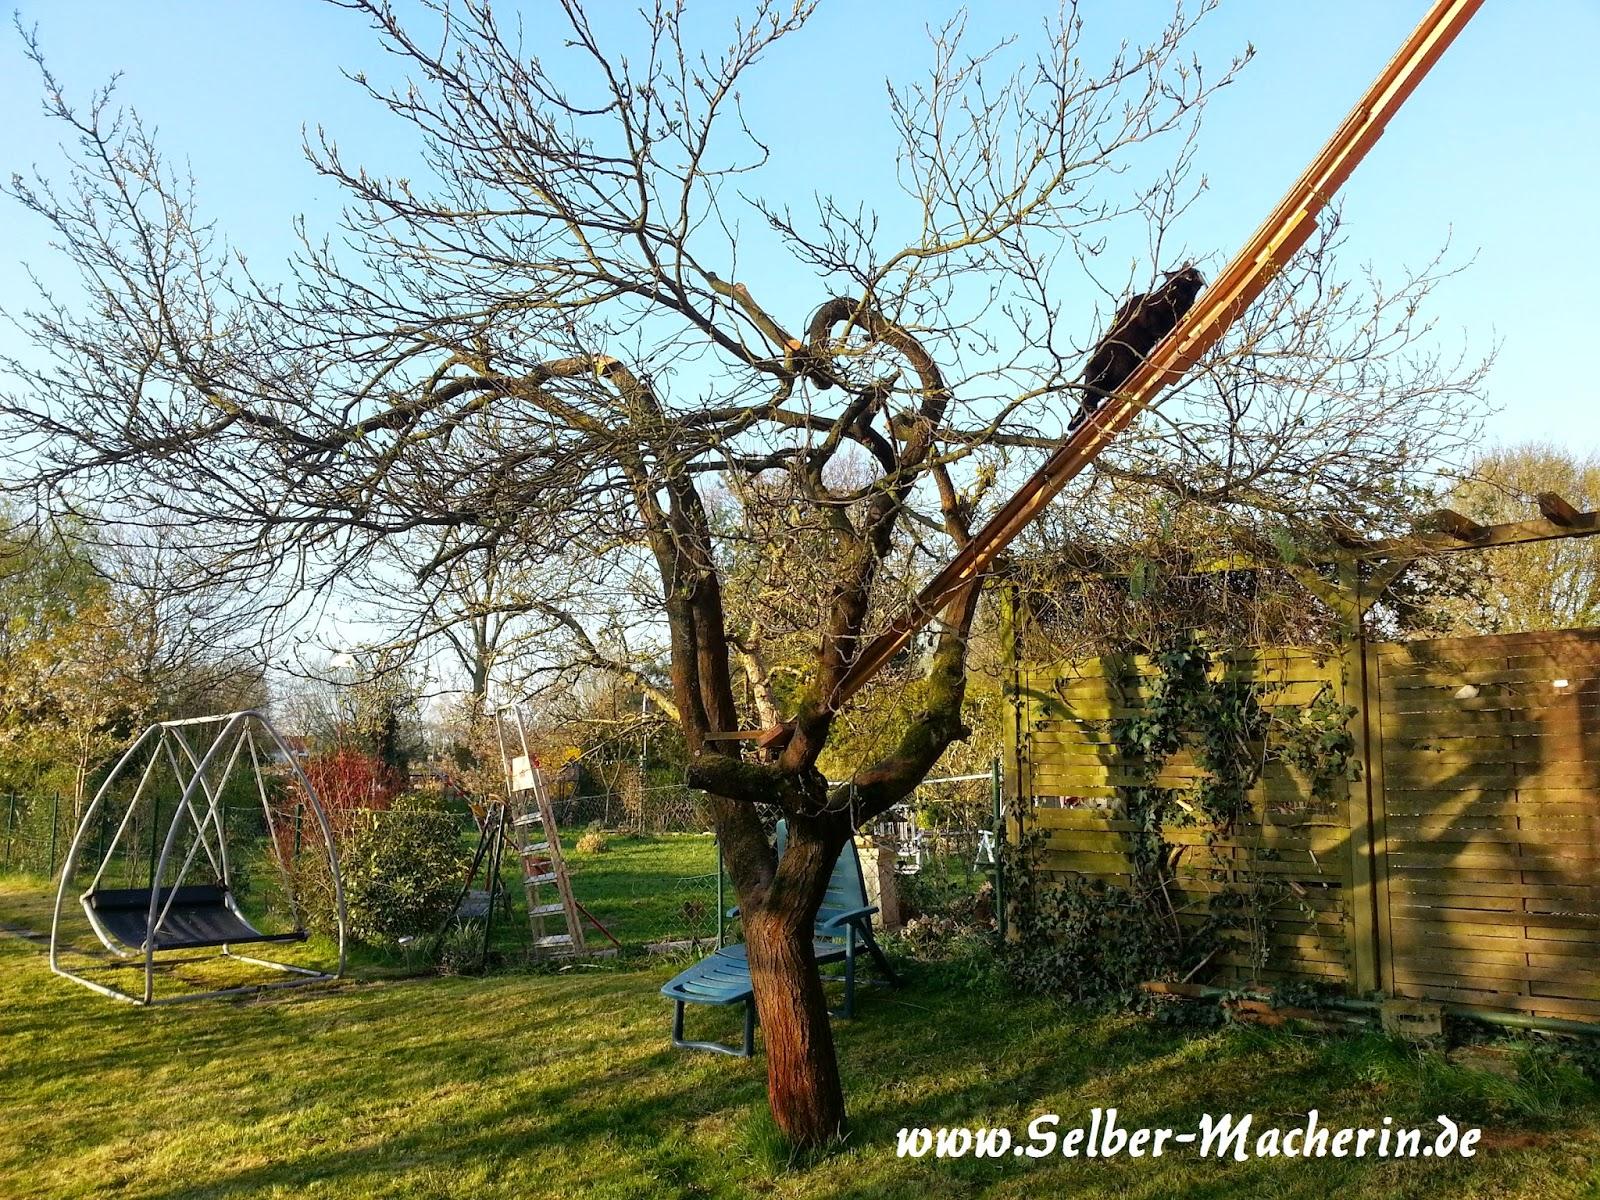 Selber Macherin Gartentagebuch 19 04 2015 1 Hochbeet Bepflanzt